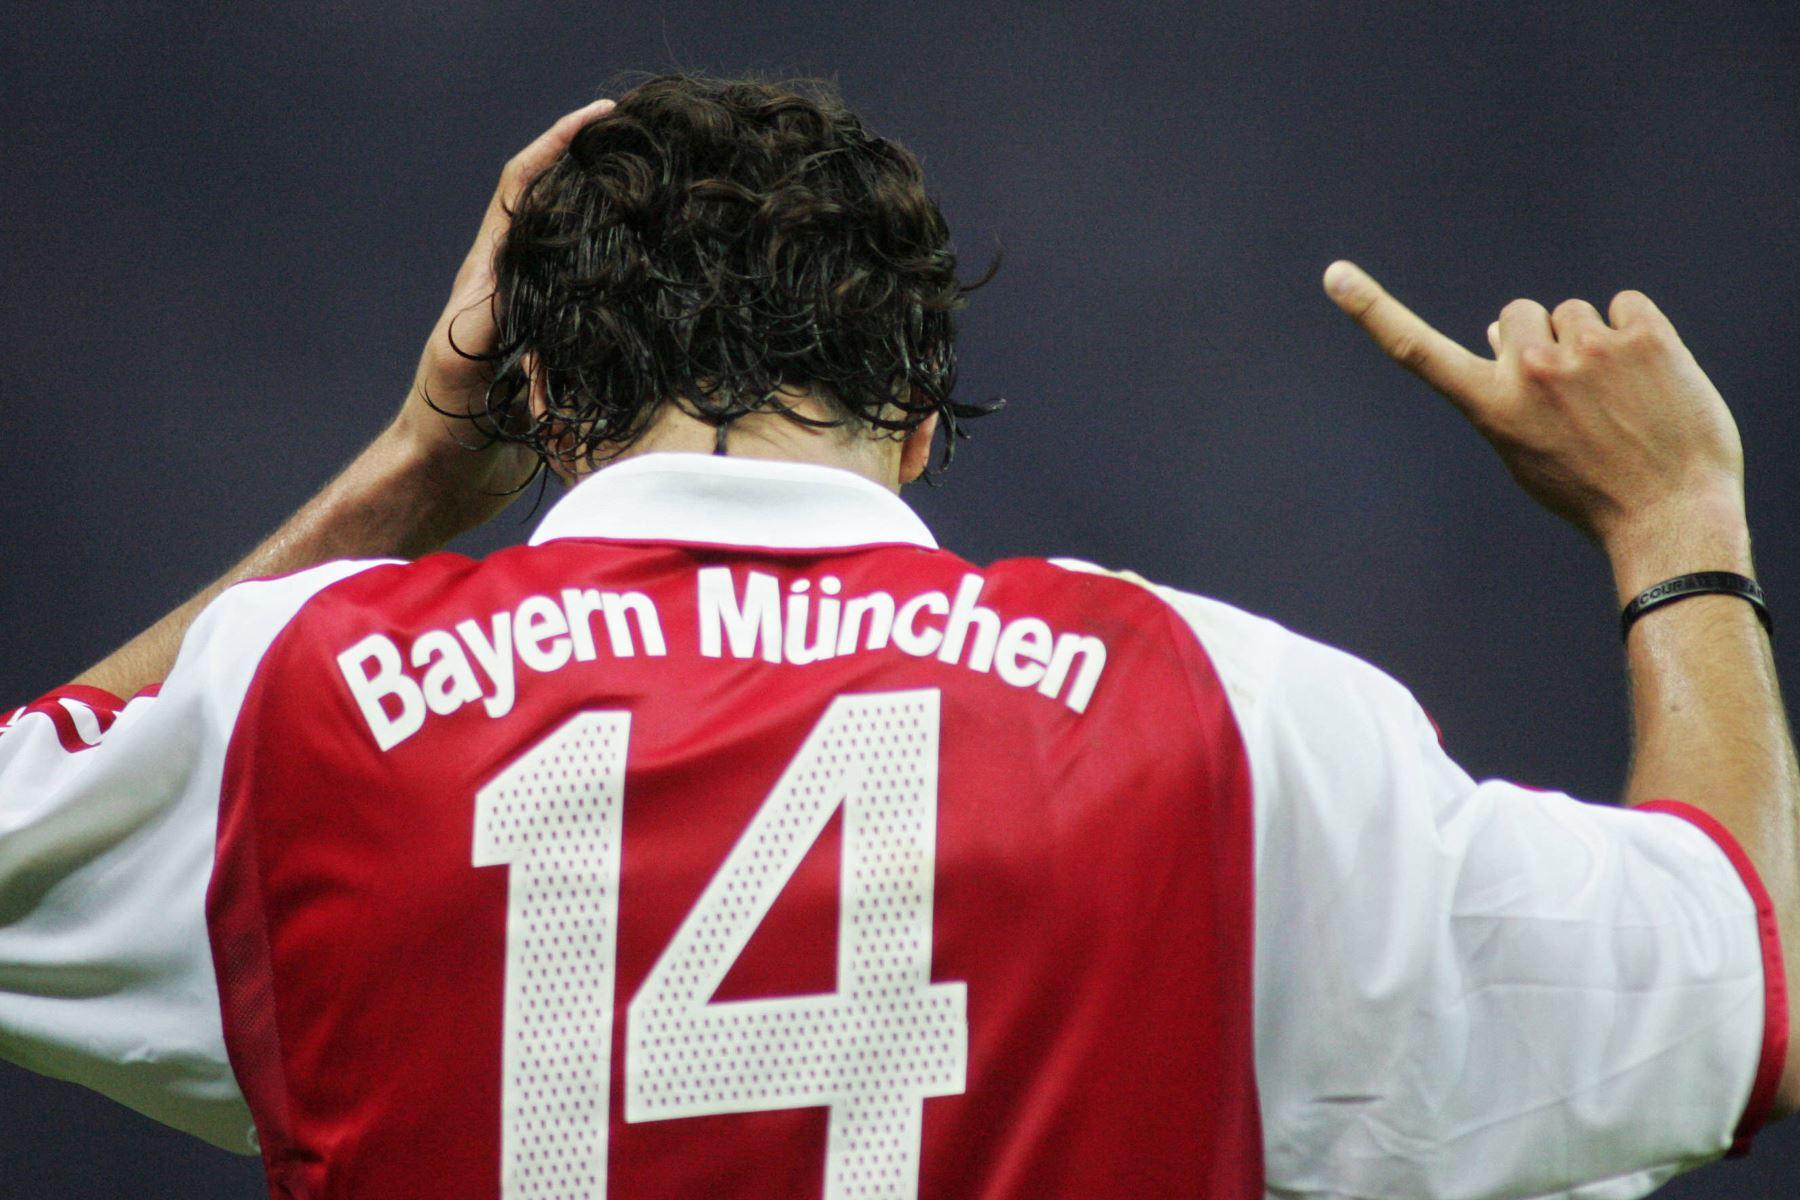 El delantero peruano del Bayern de Múnich, Claudio Pizarro, no está de acuerdo con el árbitro después de que anulara su gol ante el Schalke durante la final de la Copa de Alemania, en el Olympiastadion de Berlín, el 28 de mayo de 2005. Foto: AFP